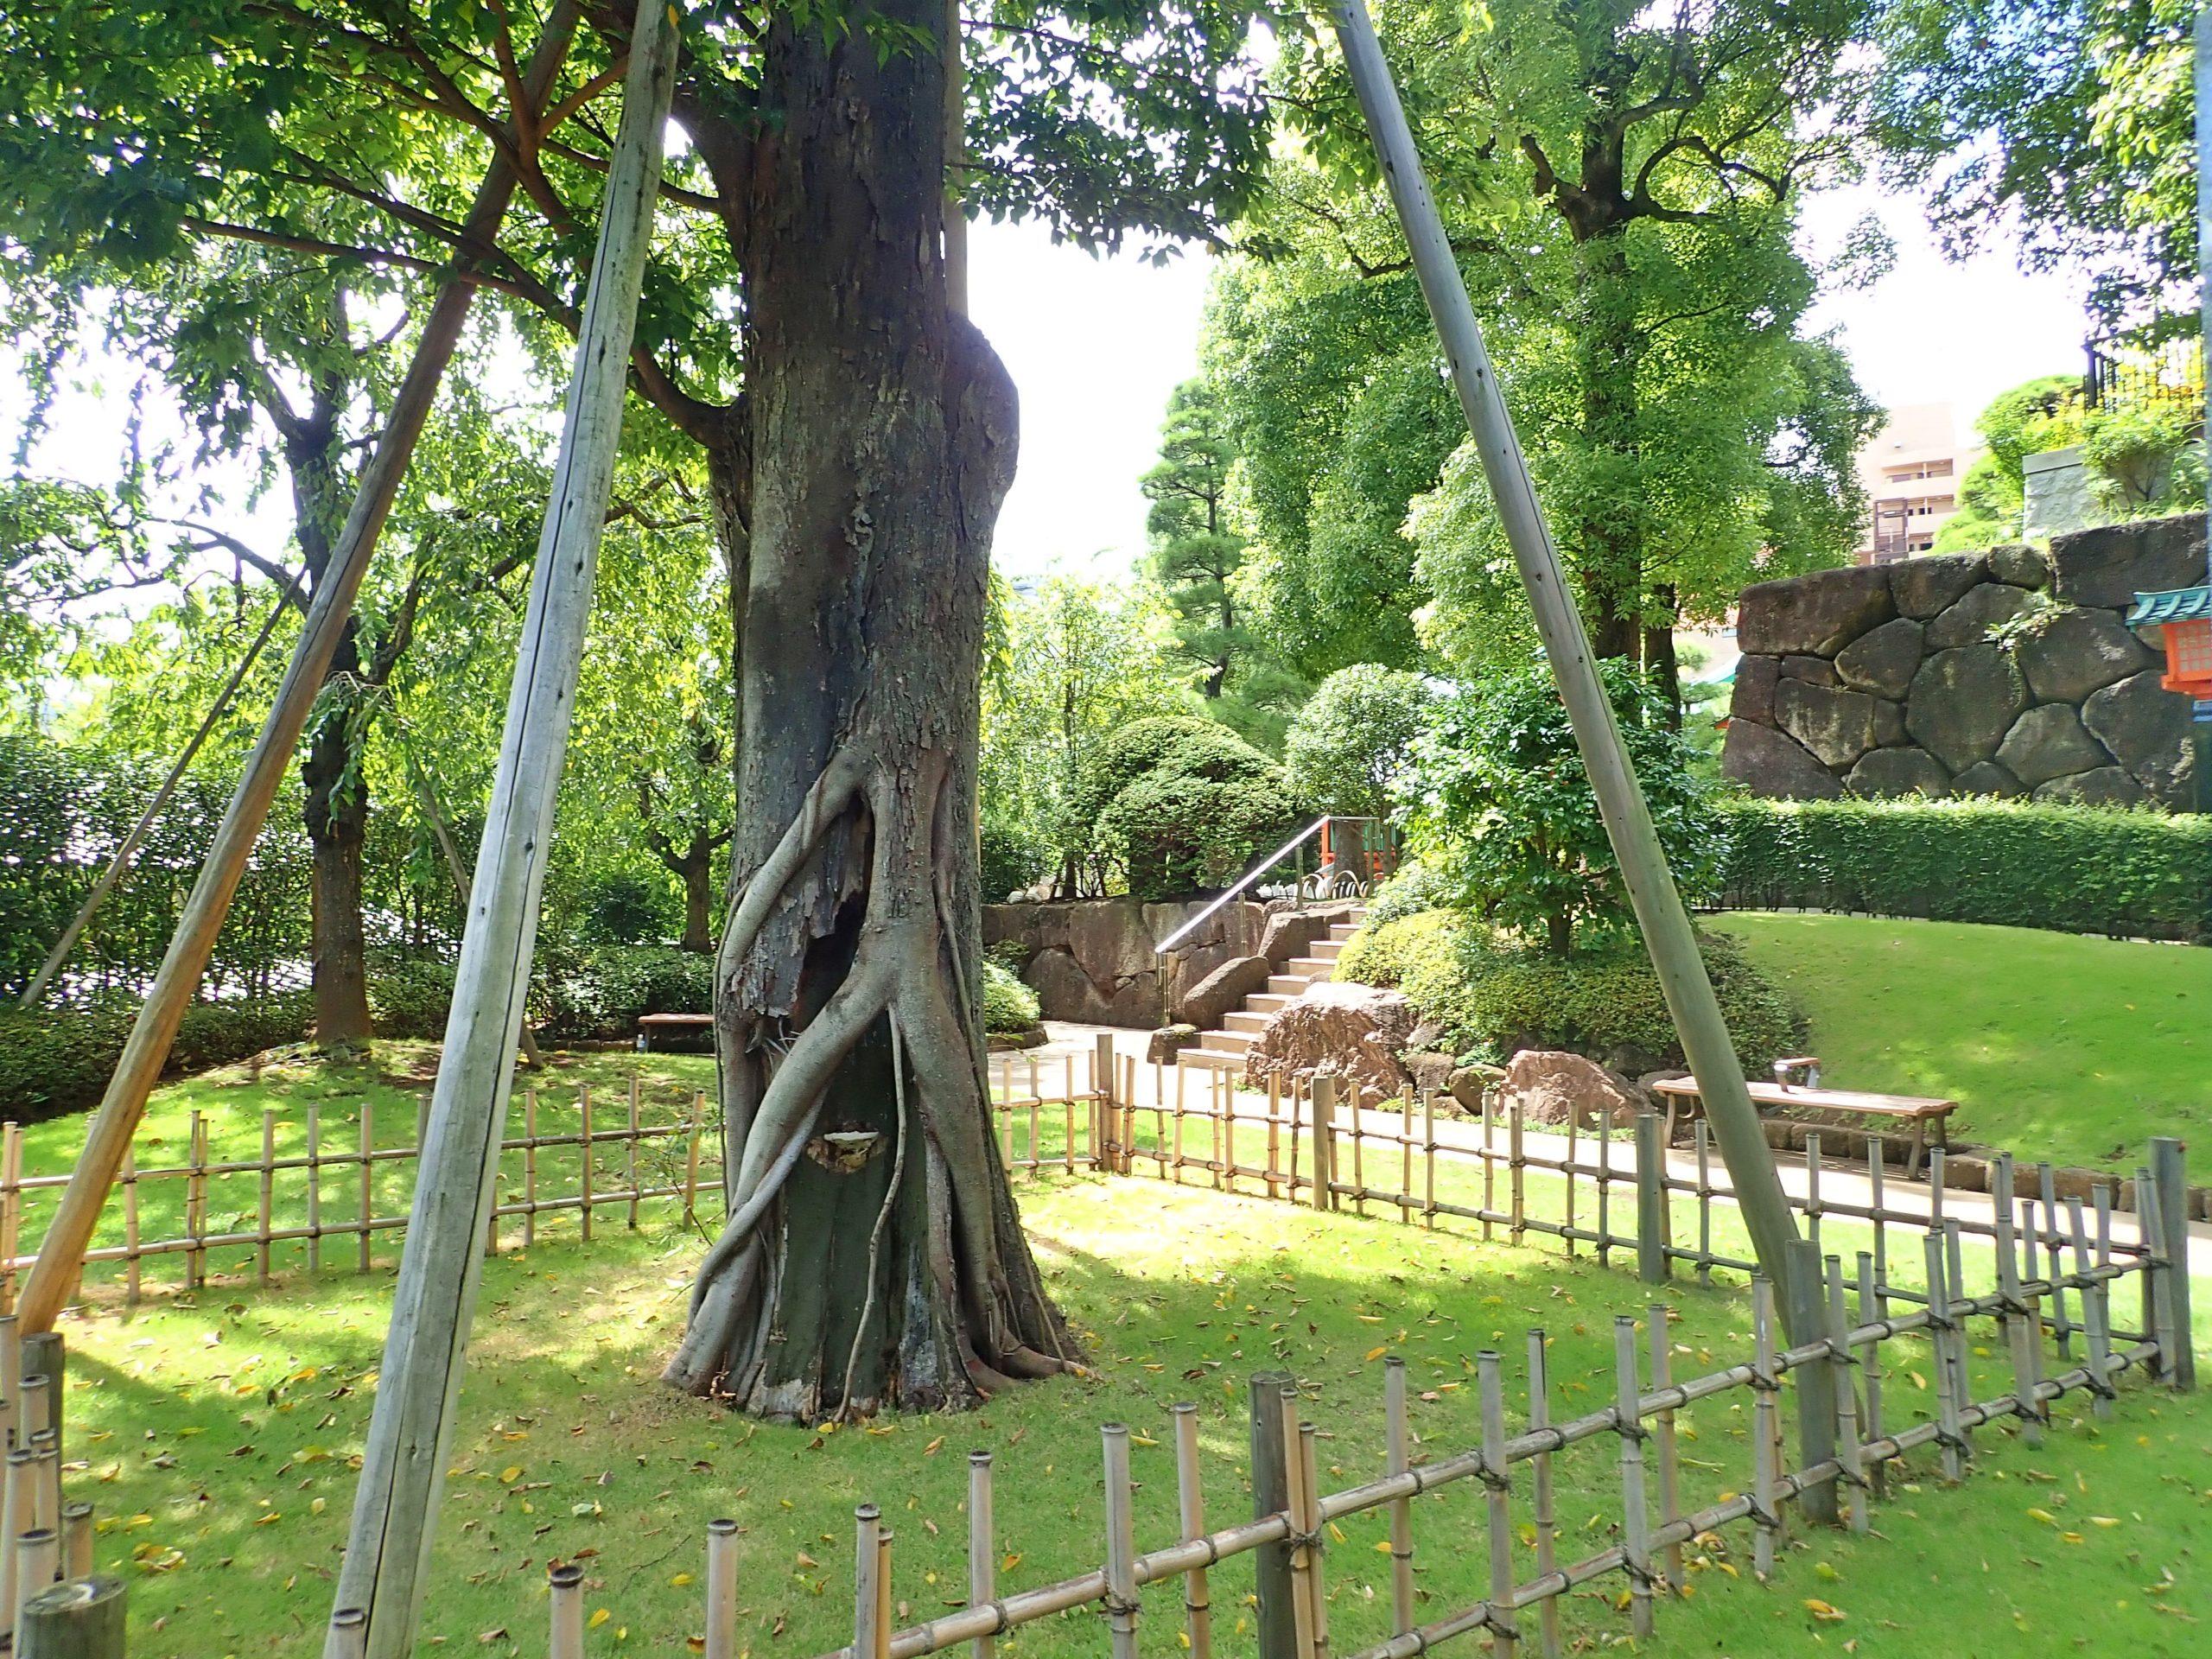 穴八幡宮の参道階段の脇にある公園